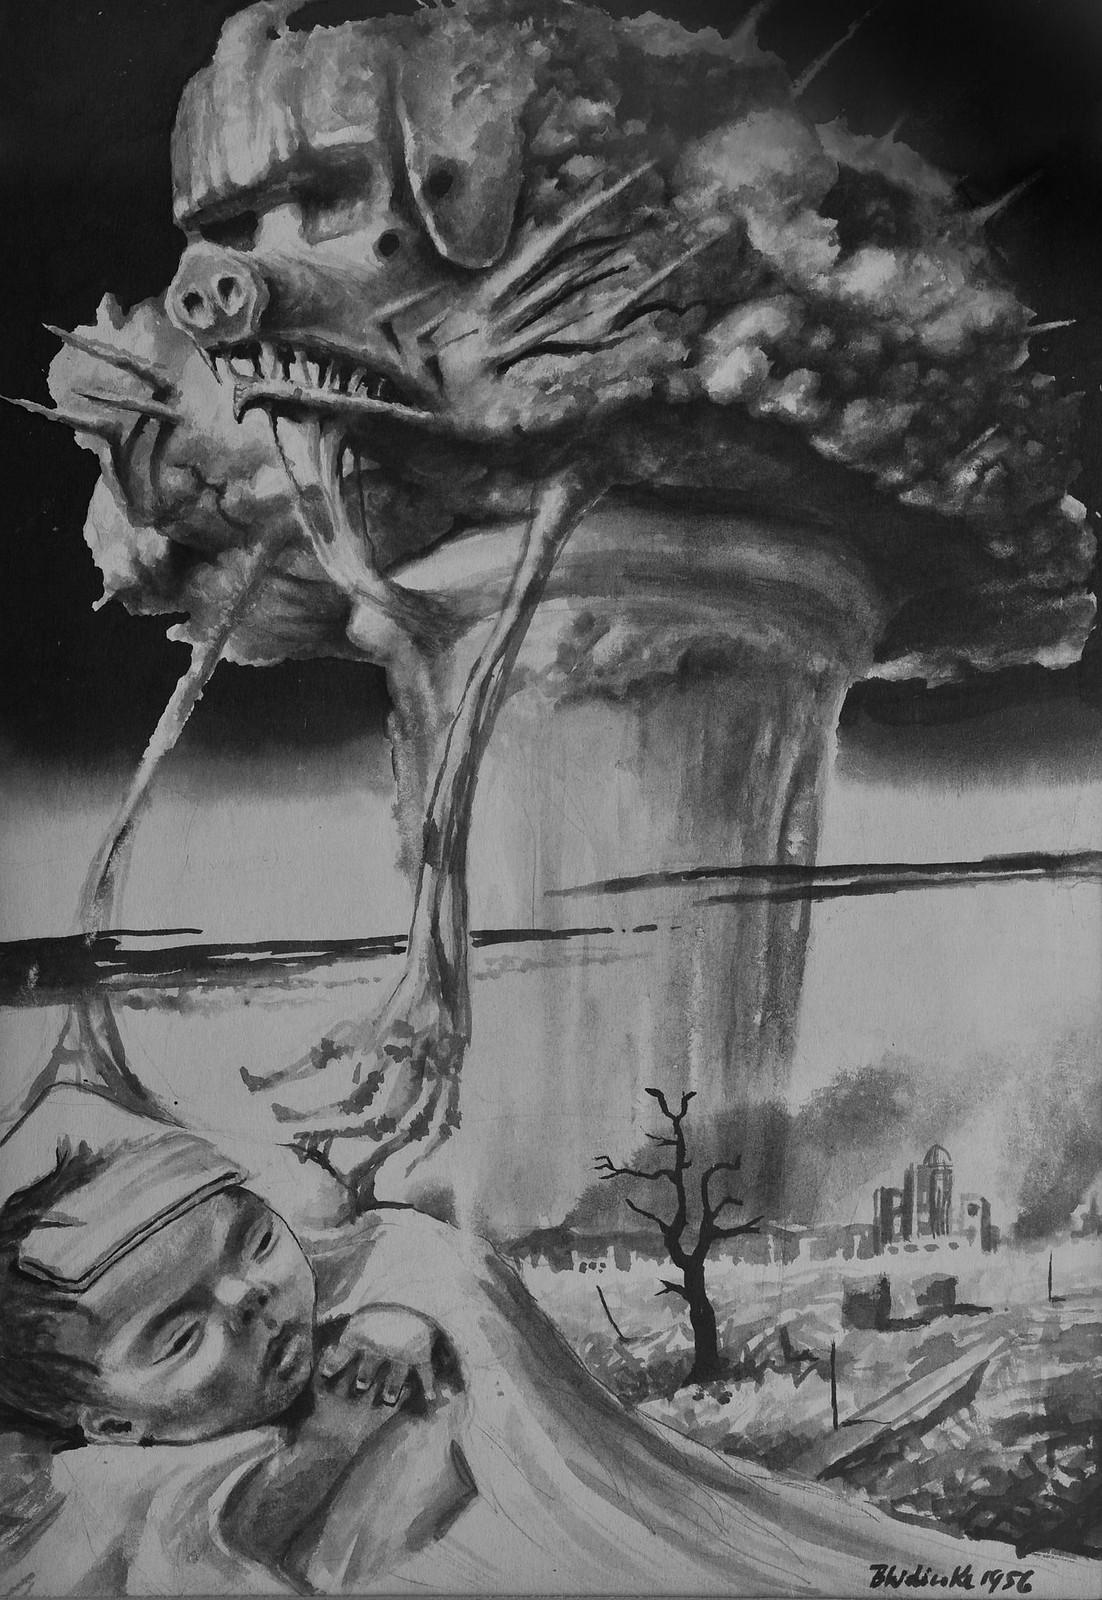 Bronisław Wojciech Linke - The Child of Hiroshima, 1956